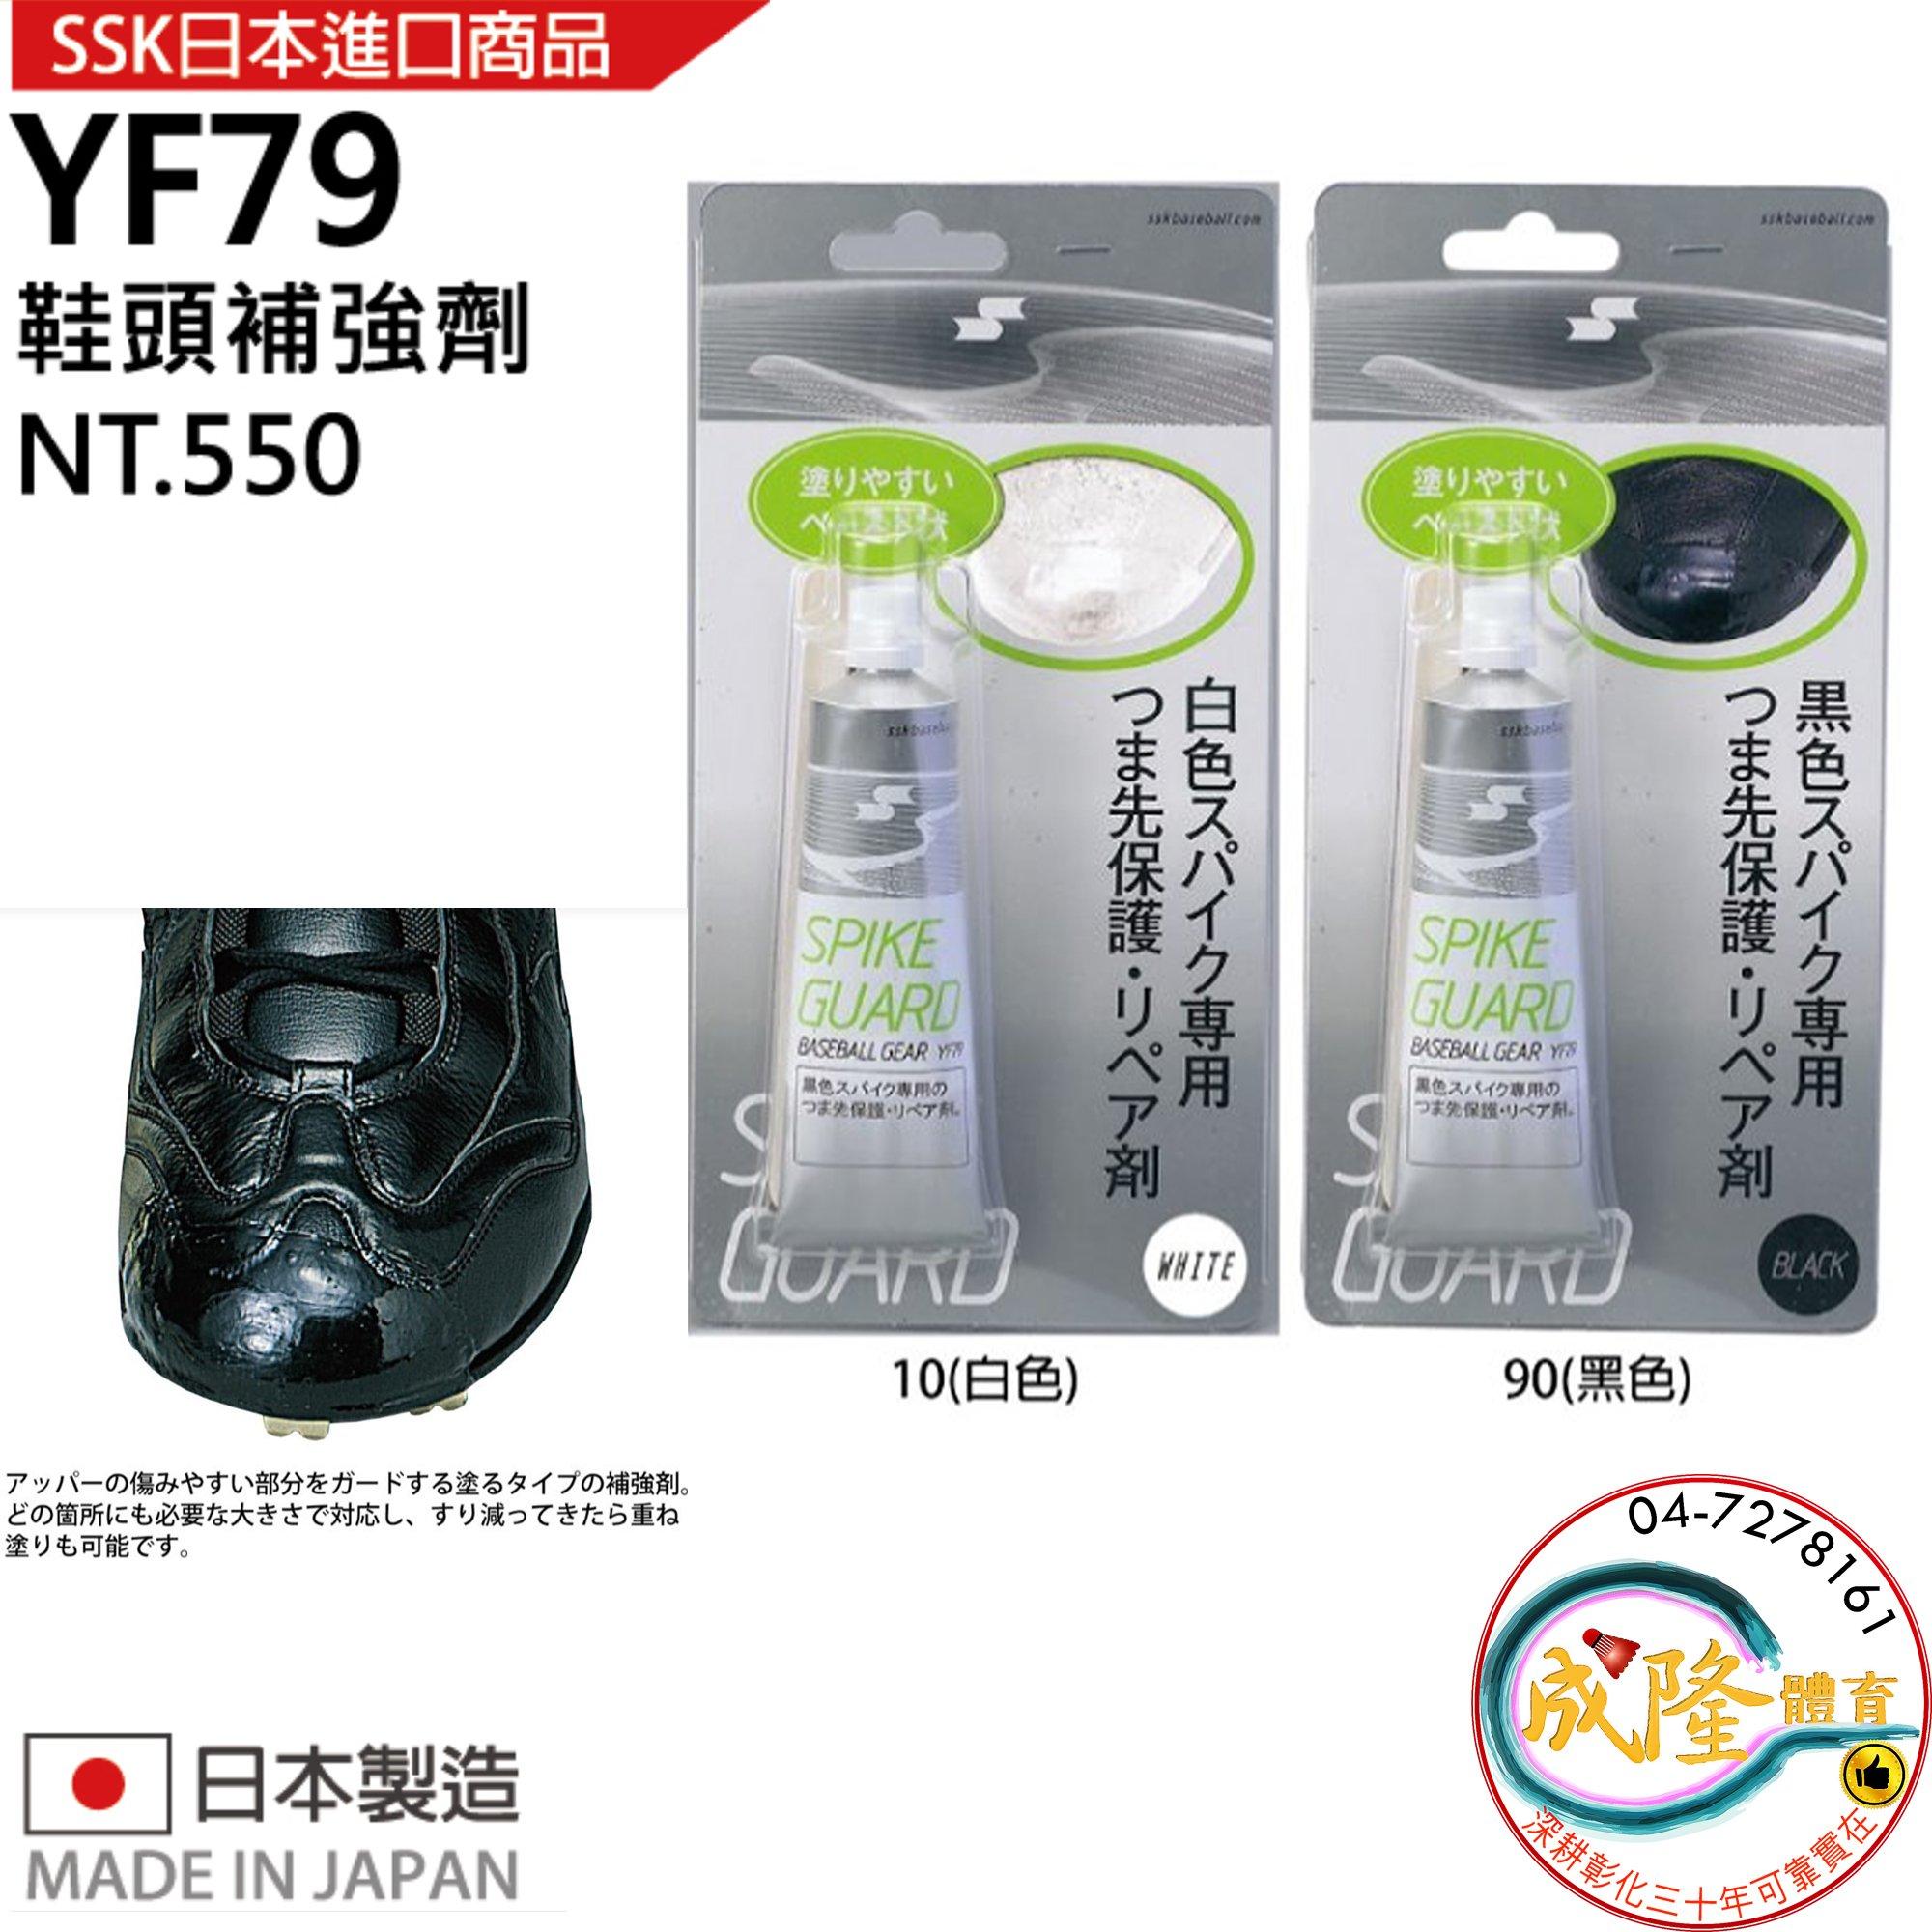 §成隆體育§ SSK YF79 鞋頭補強劑 棒球鞋 壘球鞋 鞋頭 補強 附抹棒砂紙 日本製 公司貨附發票